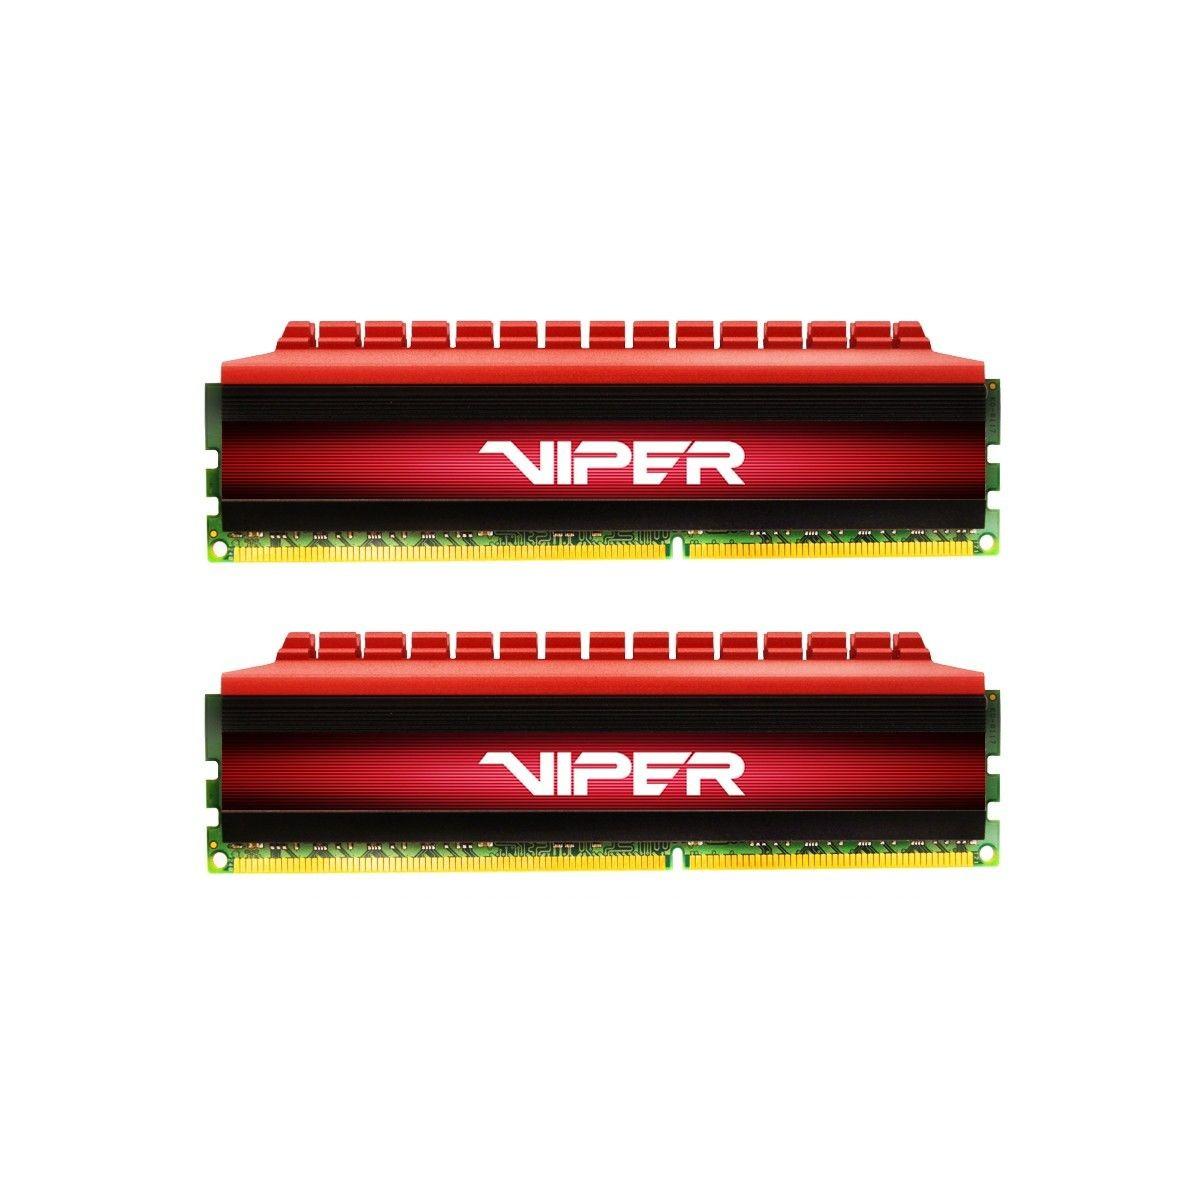 Patriot Viper 4 Series, DDR4 16GB (2x8GB) 3000MHz Kit